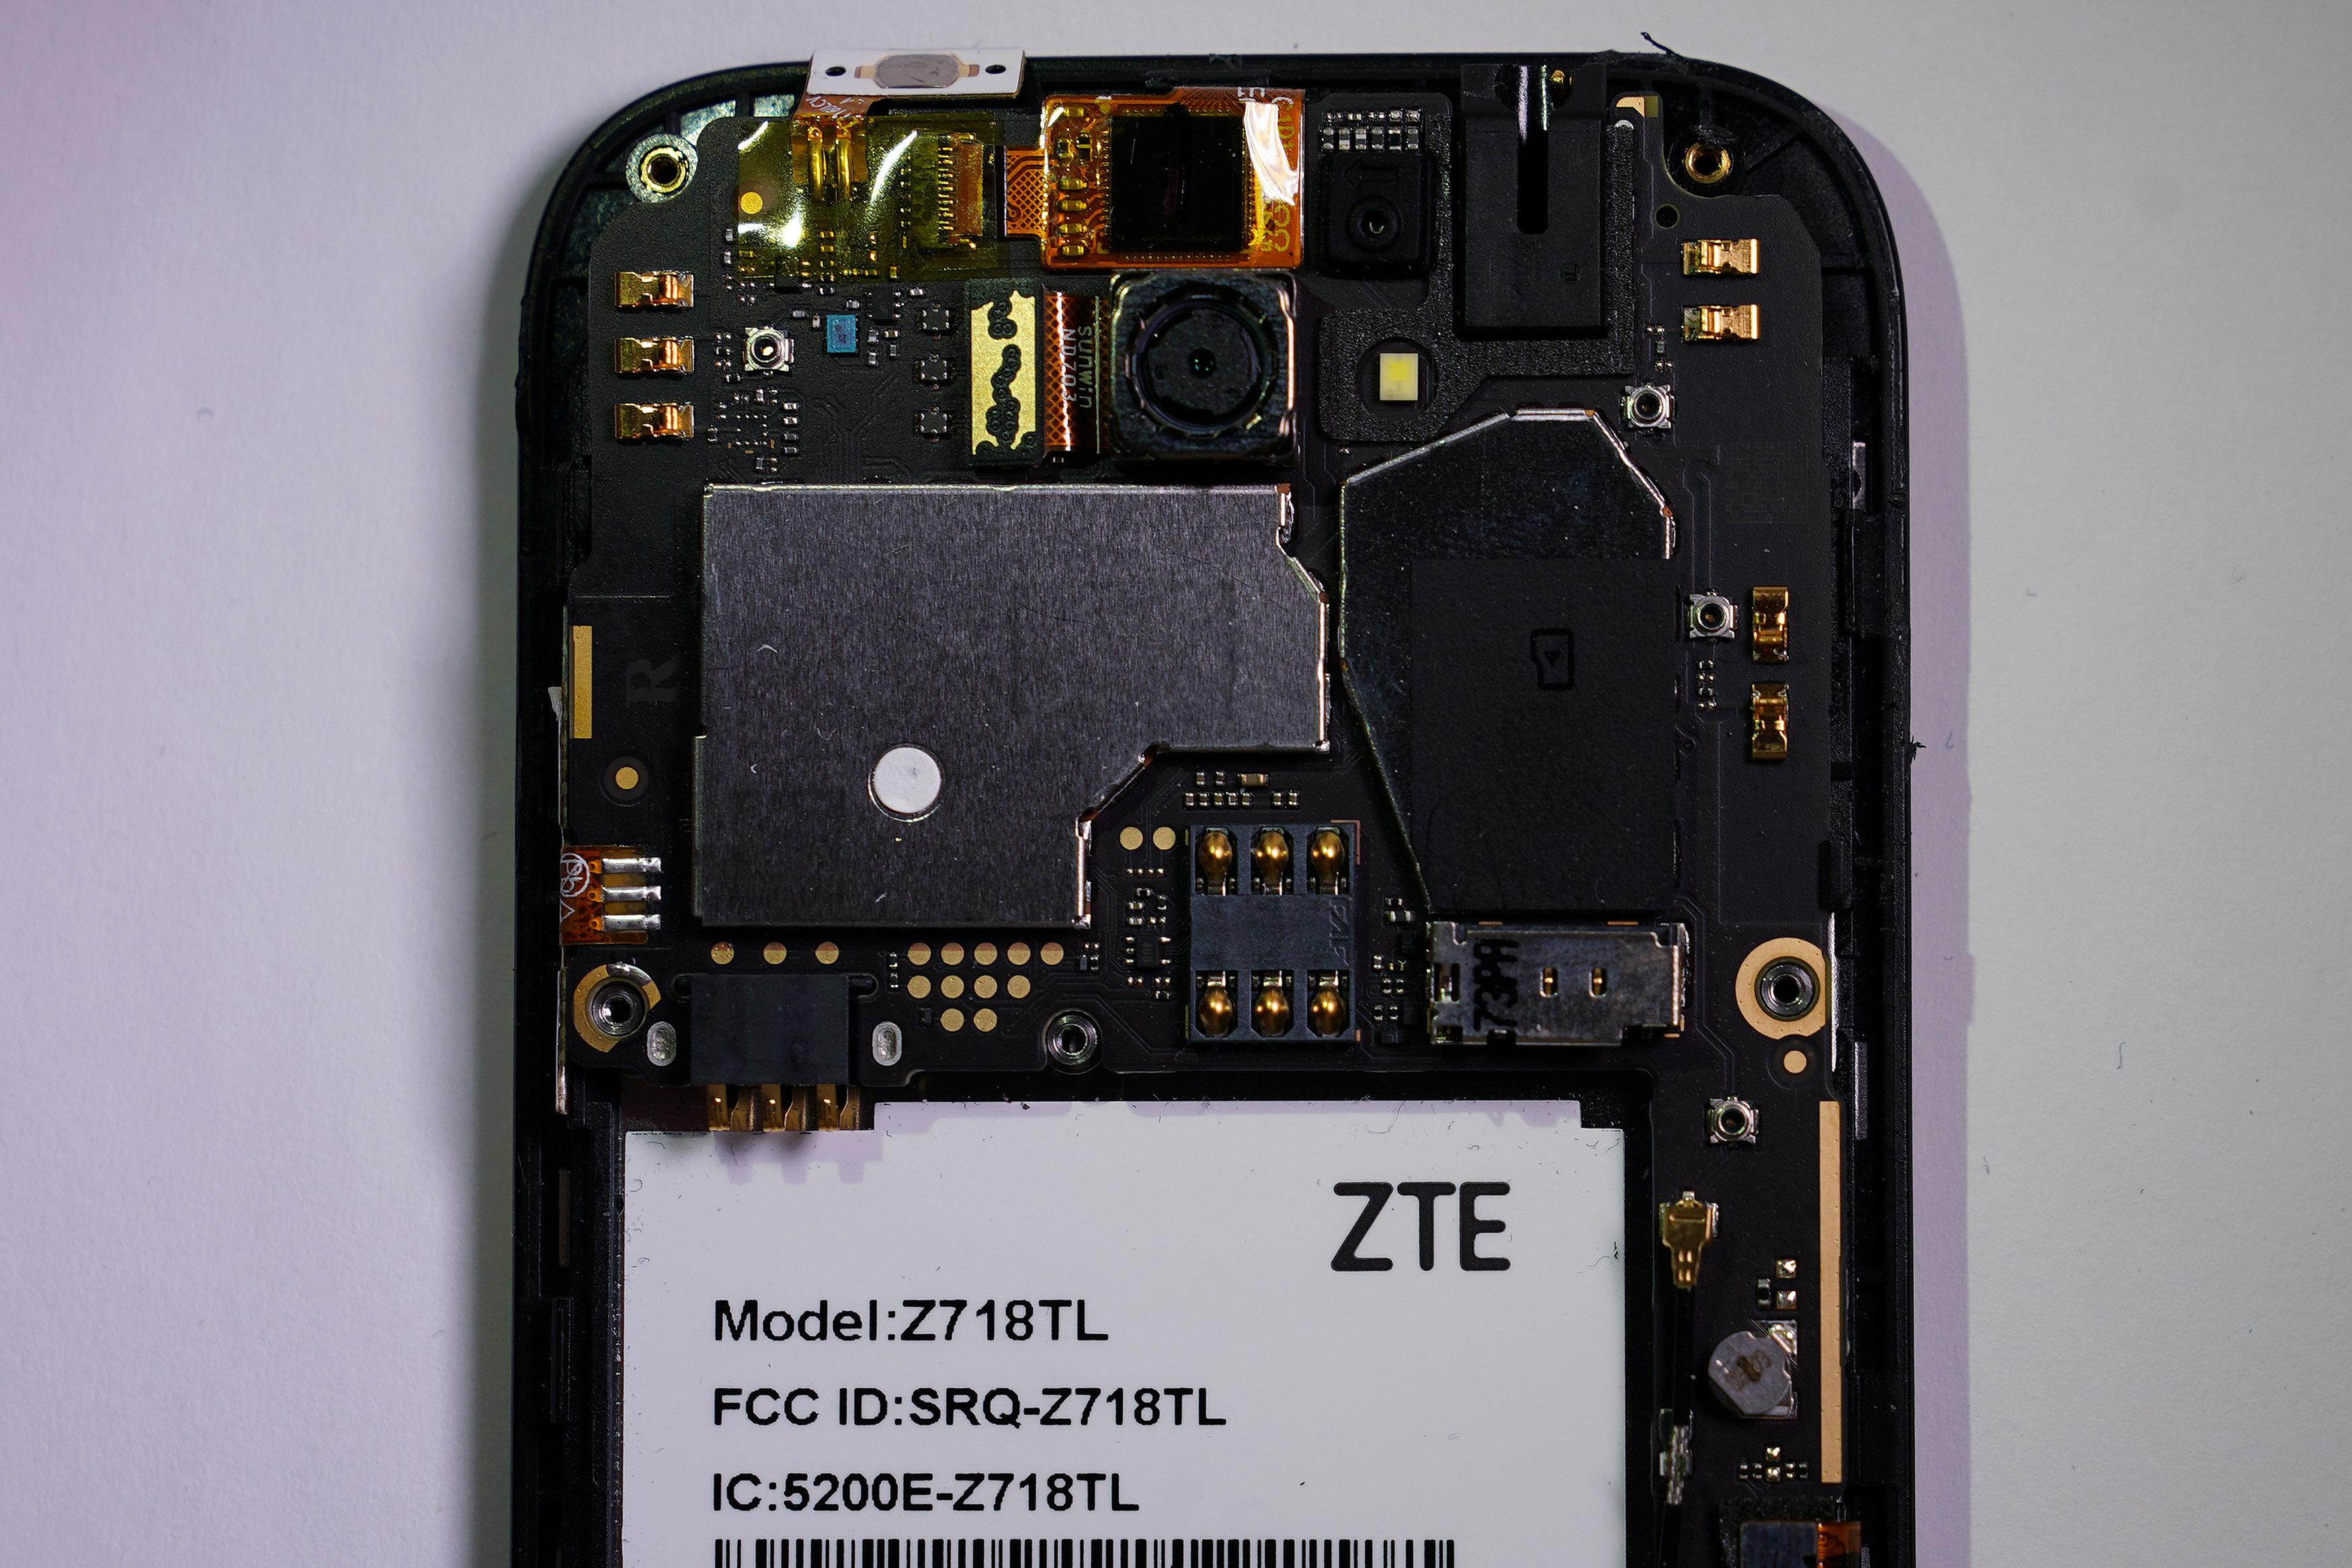 打開中興通訊手機,露出背後的芯片和零件。(路透)